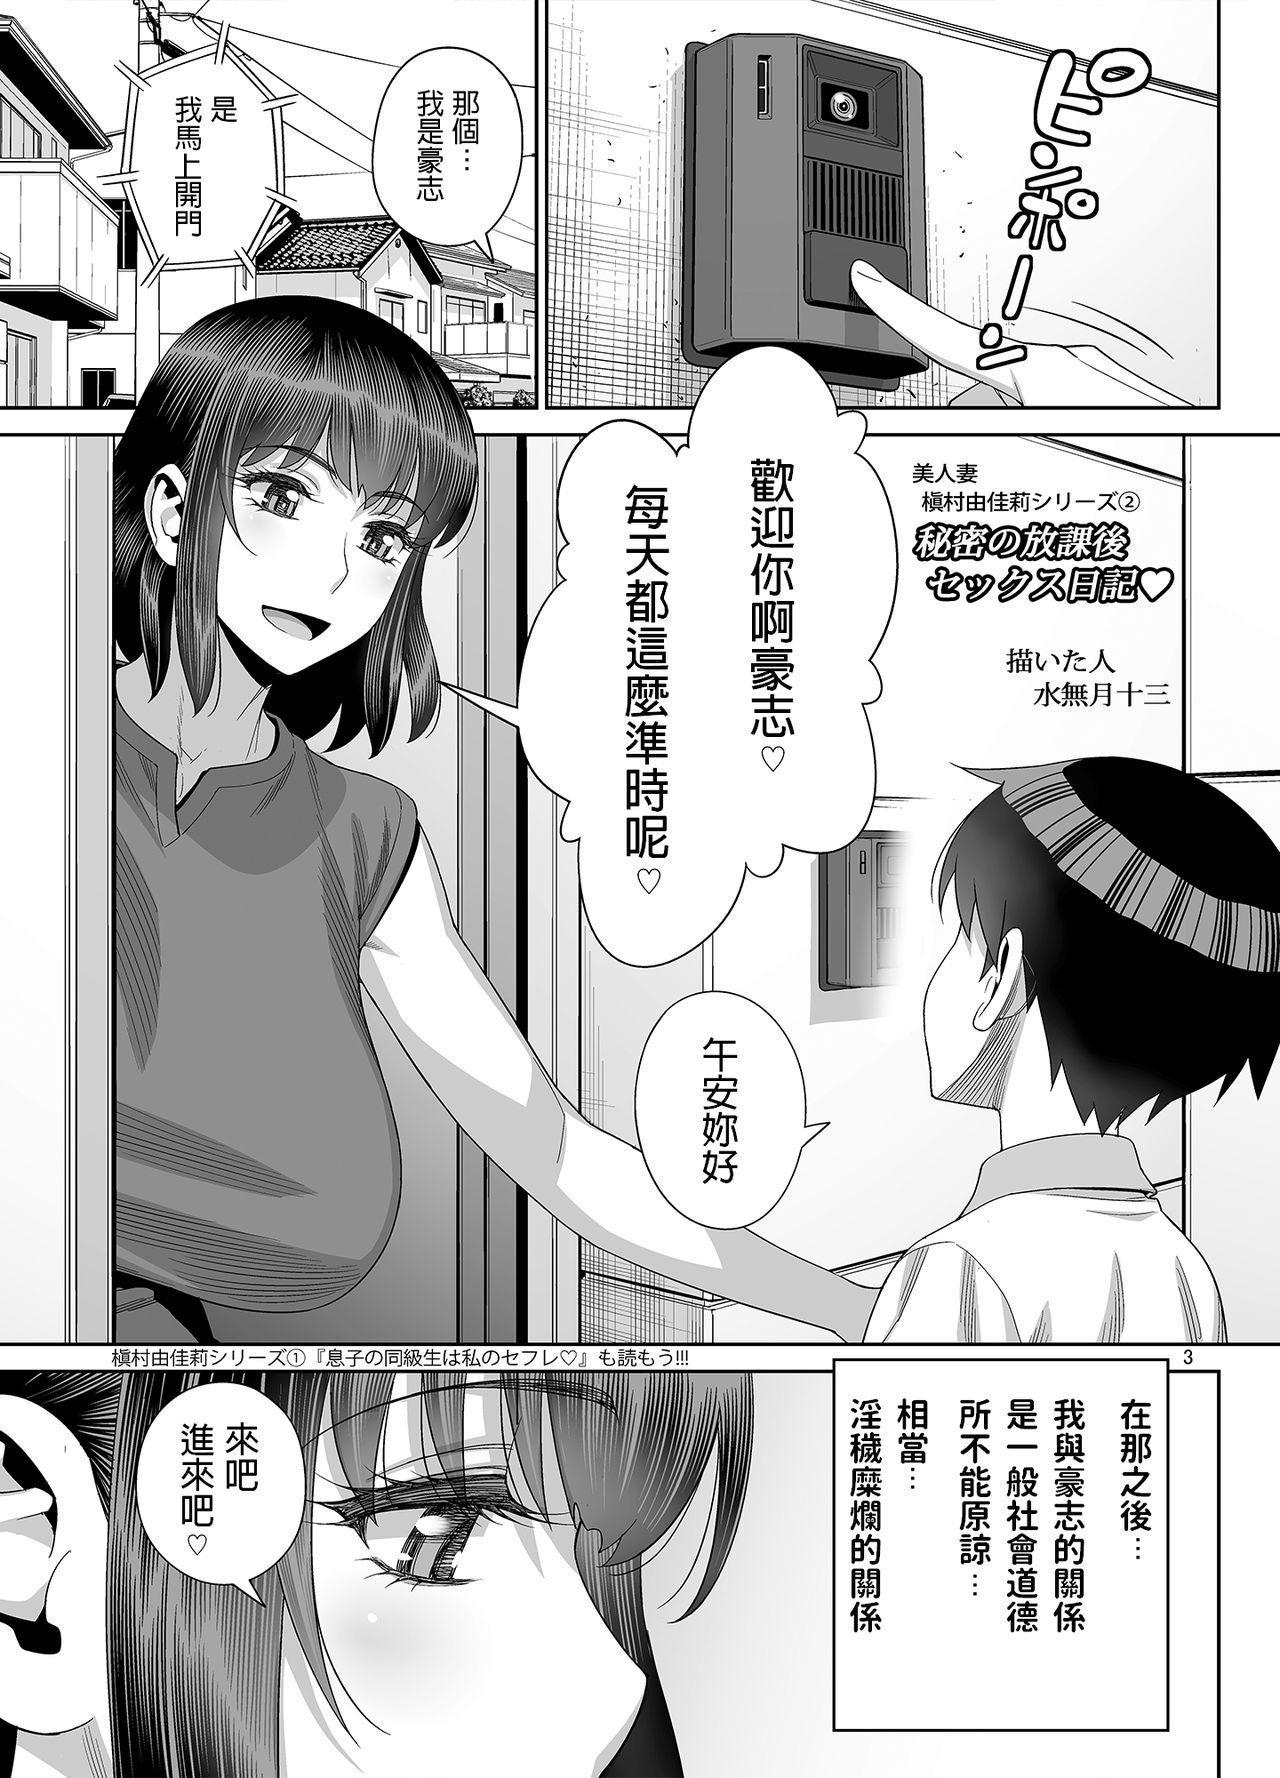 Himitsu no Houkago Sex Nikki 1